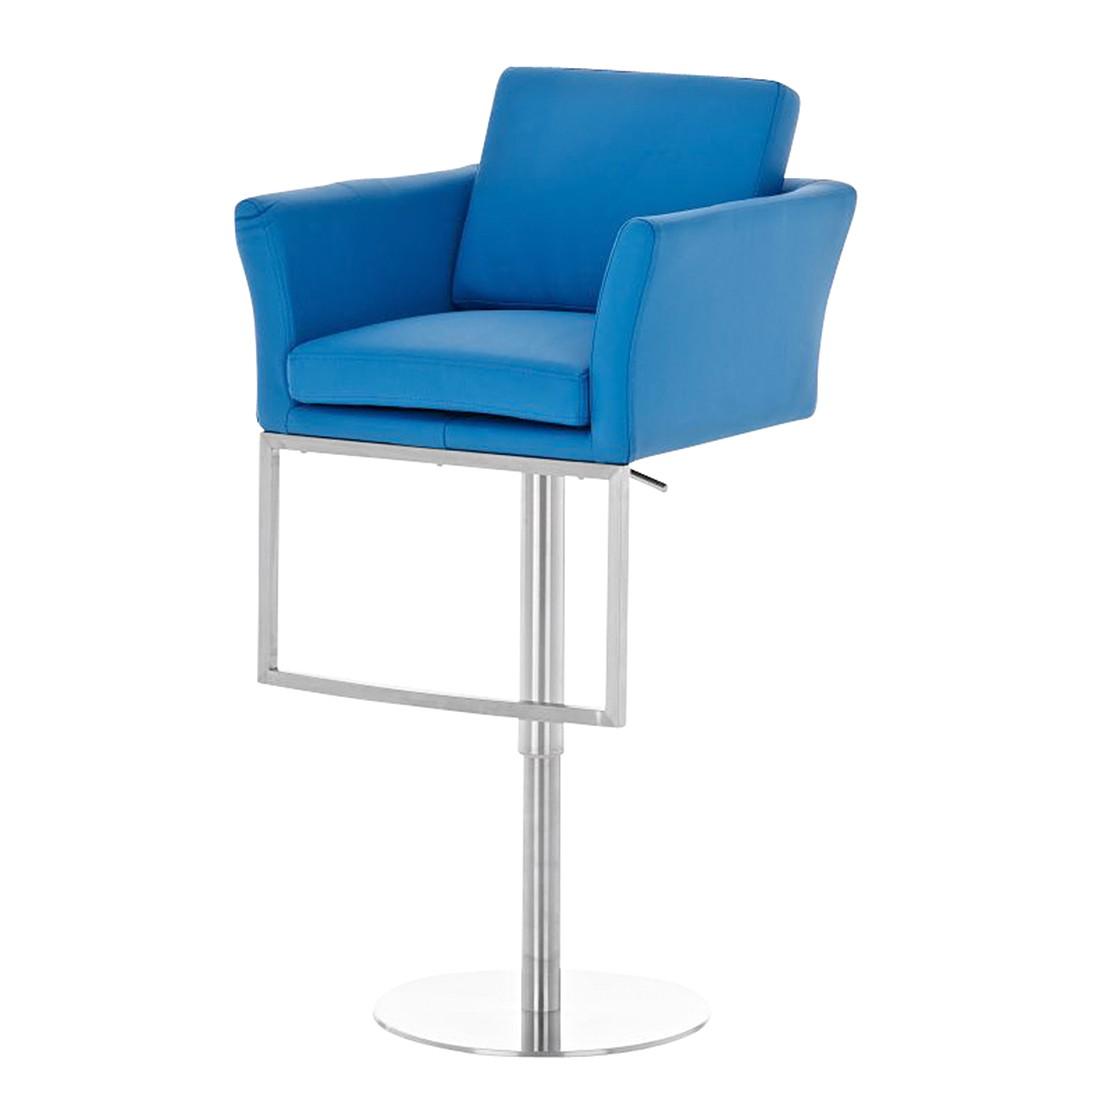 barhocker atlantic lila edelstahl kunstleder clp g nstig. Black Bedroom Furniture Sets. Home Design Ideas